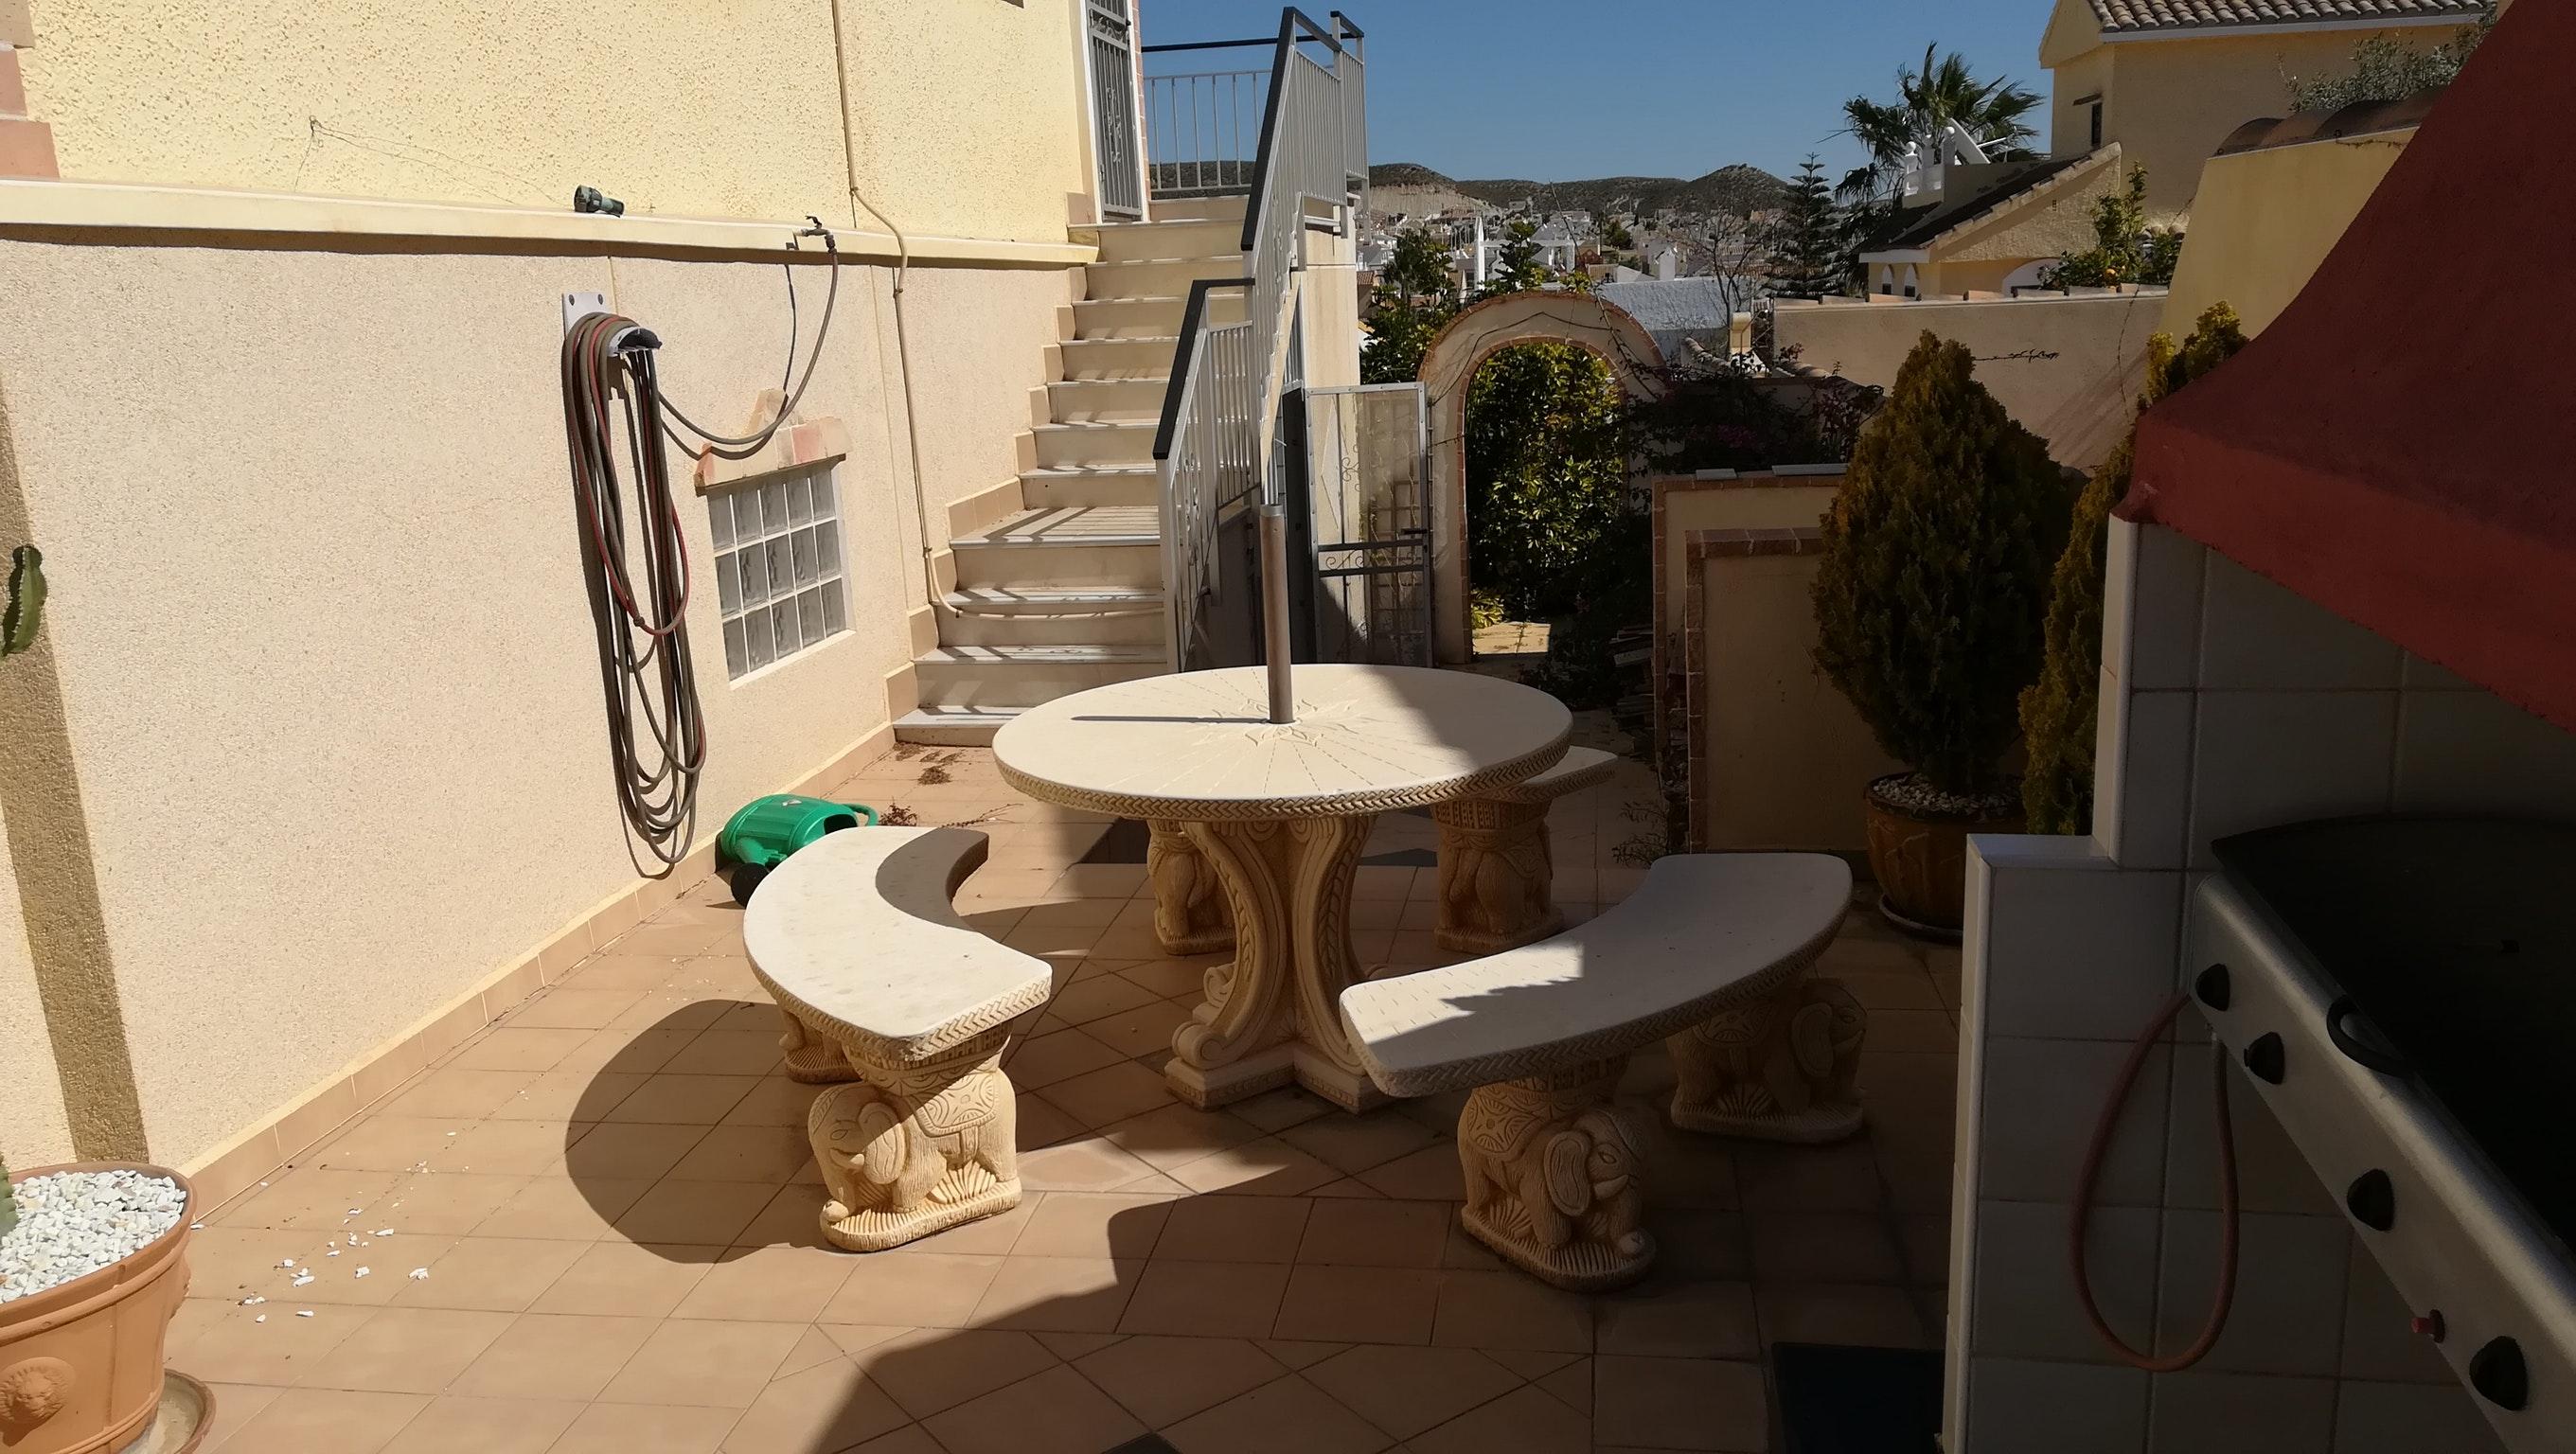 Maison de vacances Villa mit 2 Schlafzimmern in Mazarrón mit toller Aussicht auf die Berge, privatem Pool, ei (2632538), Mazarron, Costa Calida, Murcie, Espagne, image 28